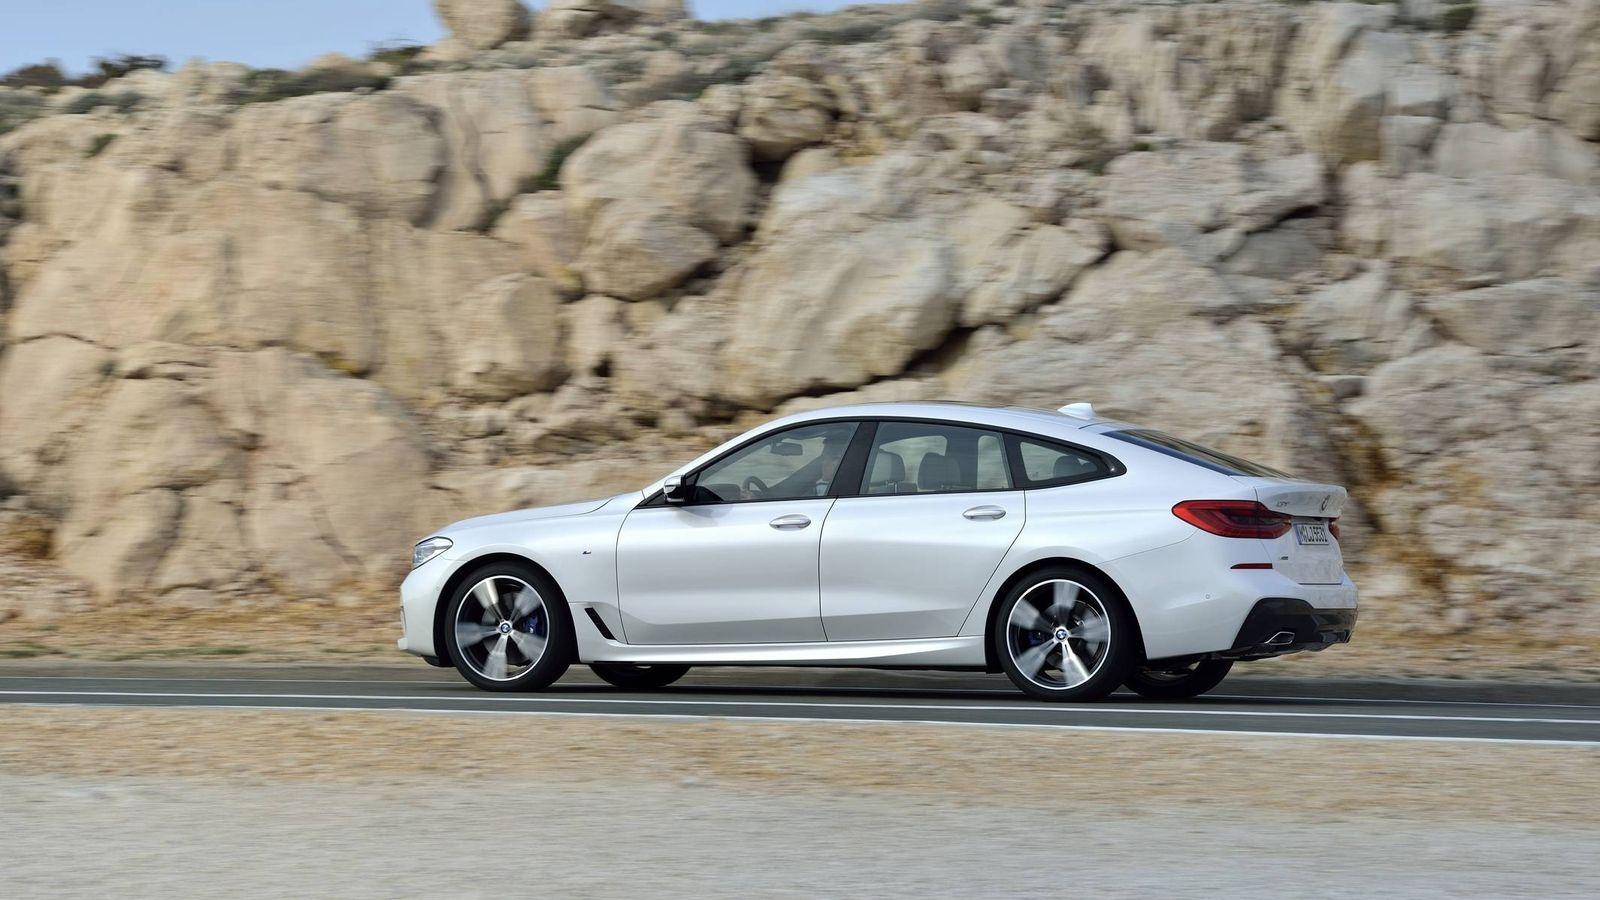 Foto: El nuevo BMW Serie 6 GT llegará al mercado en noviembre.